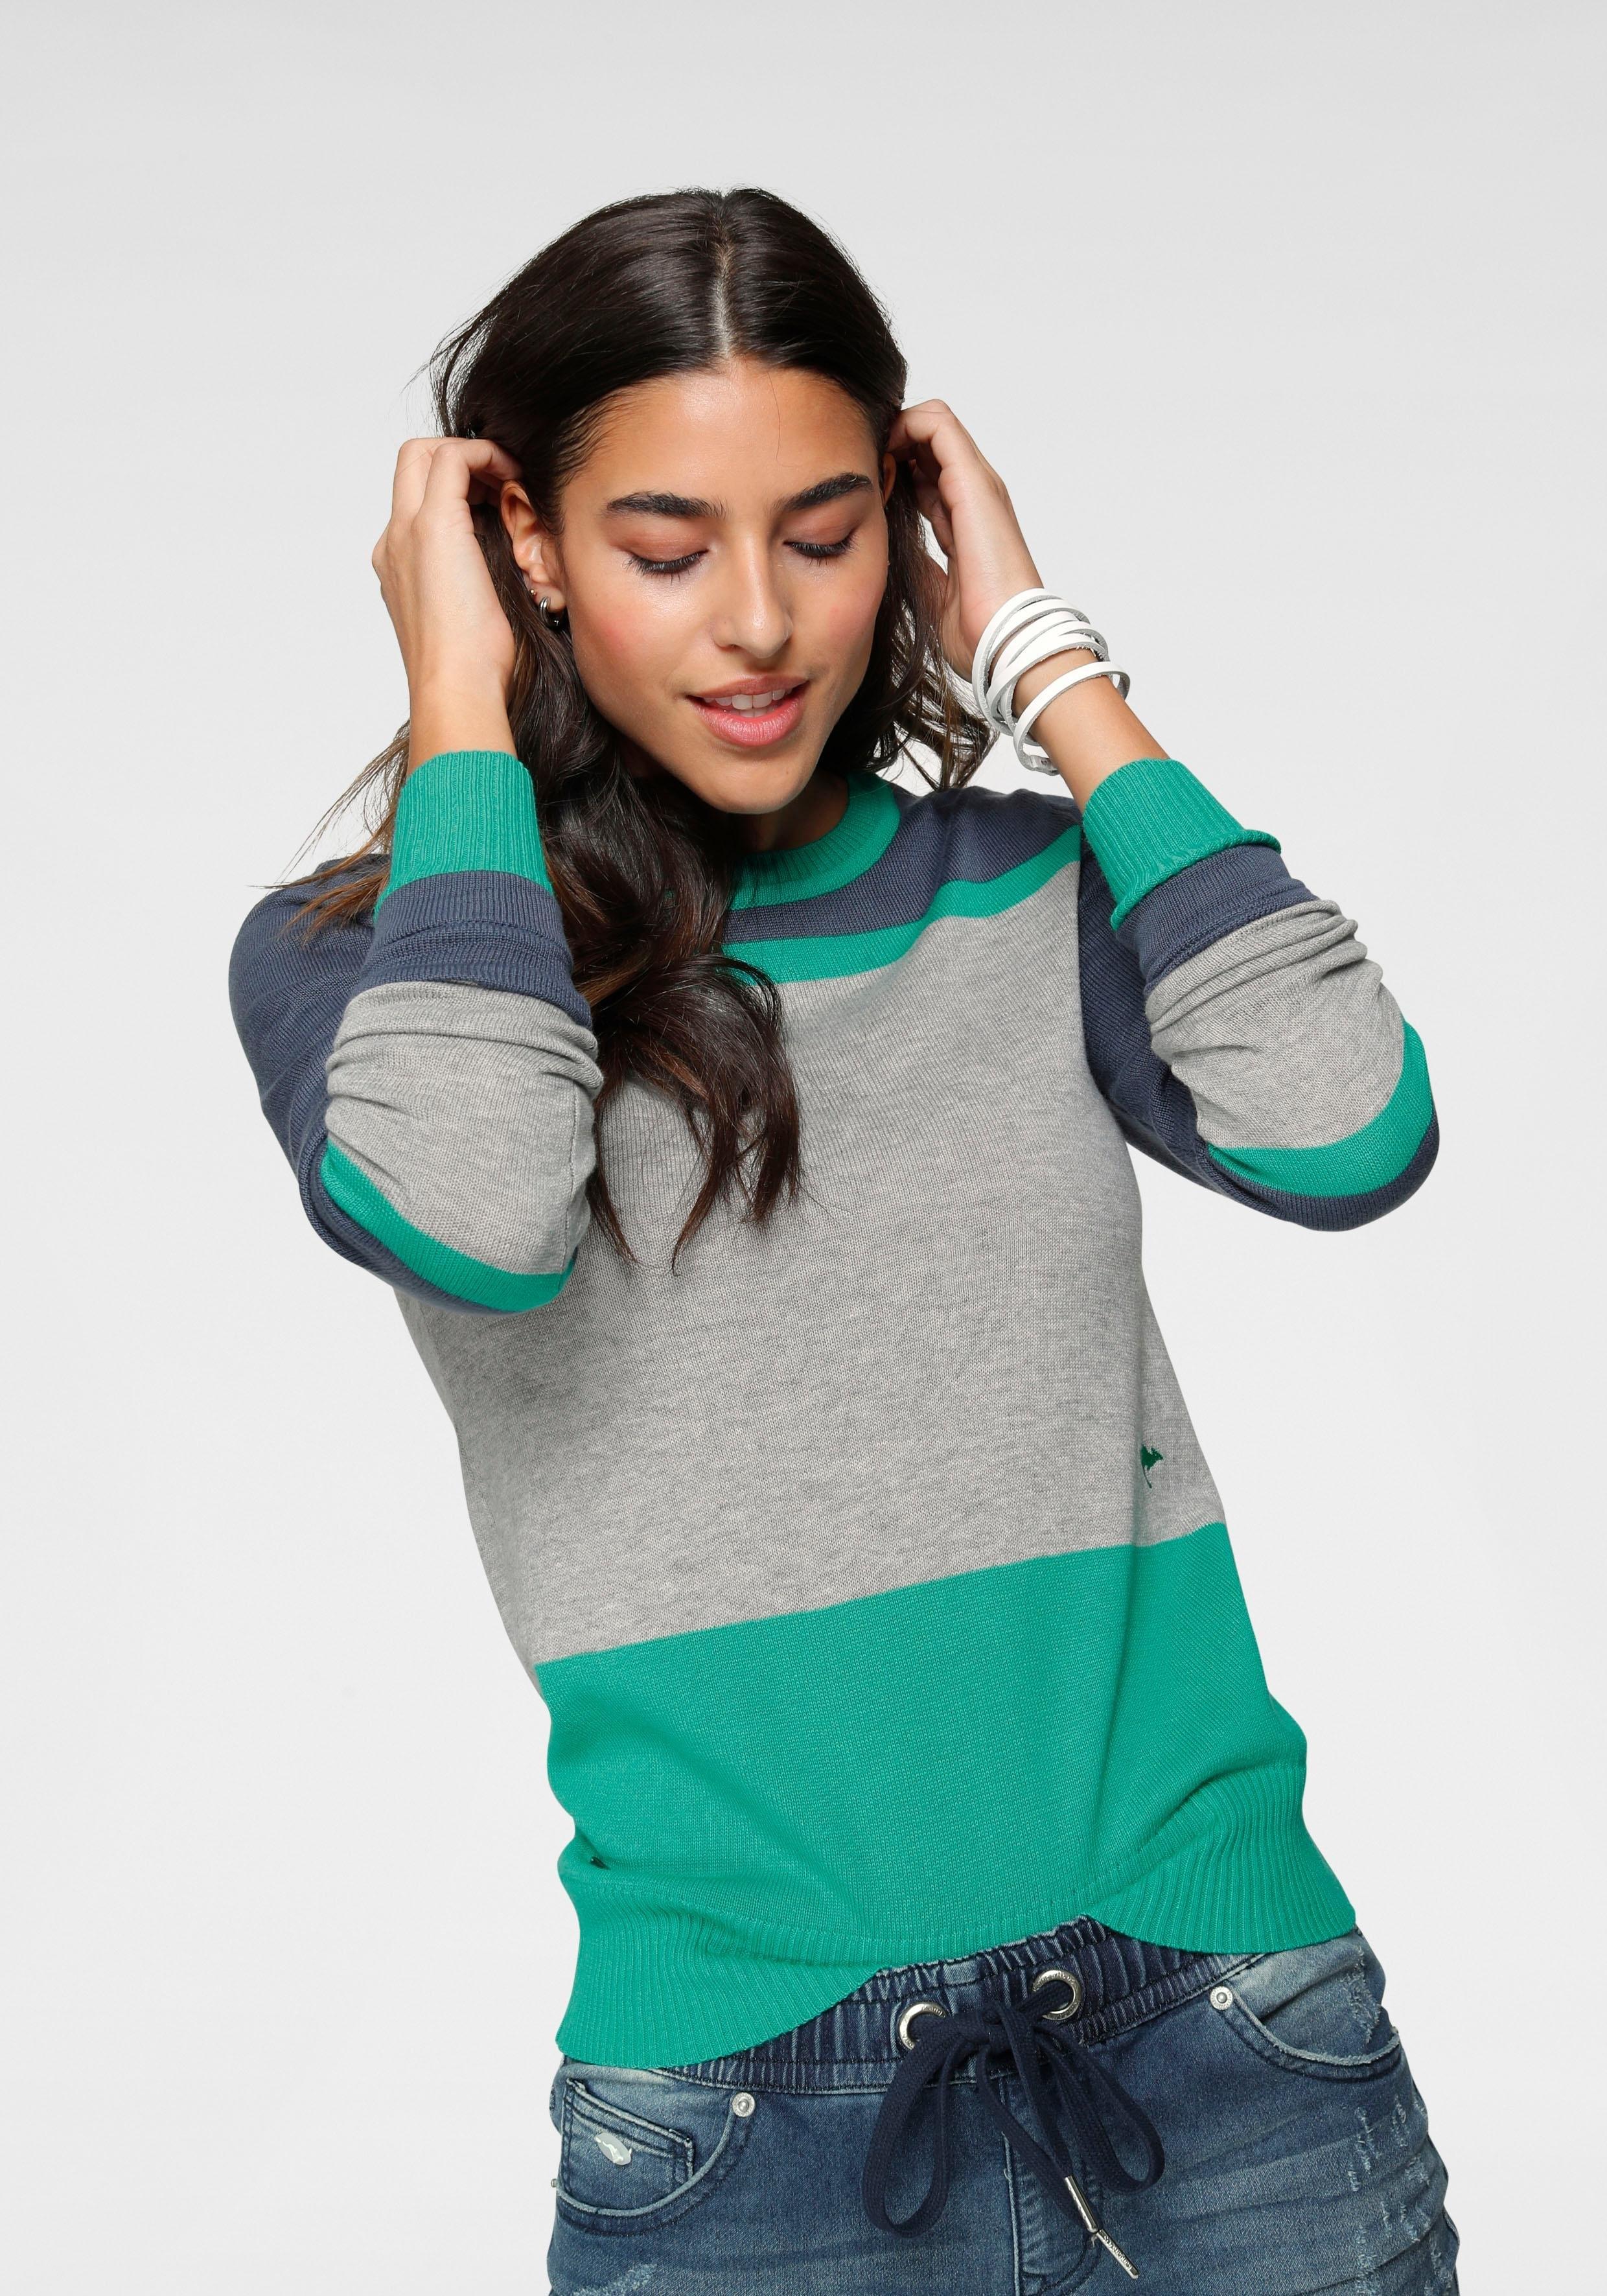 KangaROOS gebreide trui in kleurrijke streep-look voordelig en veilig online kopen